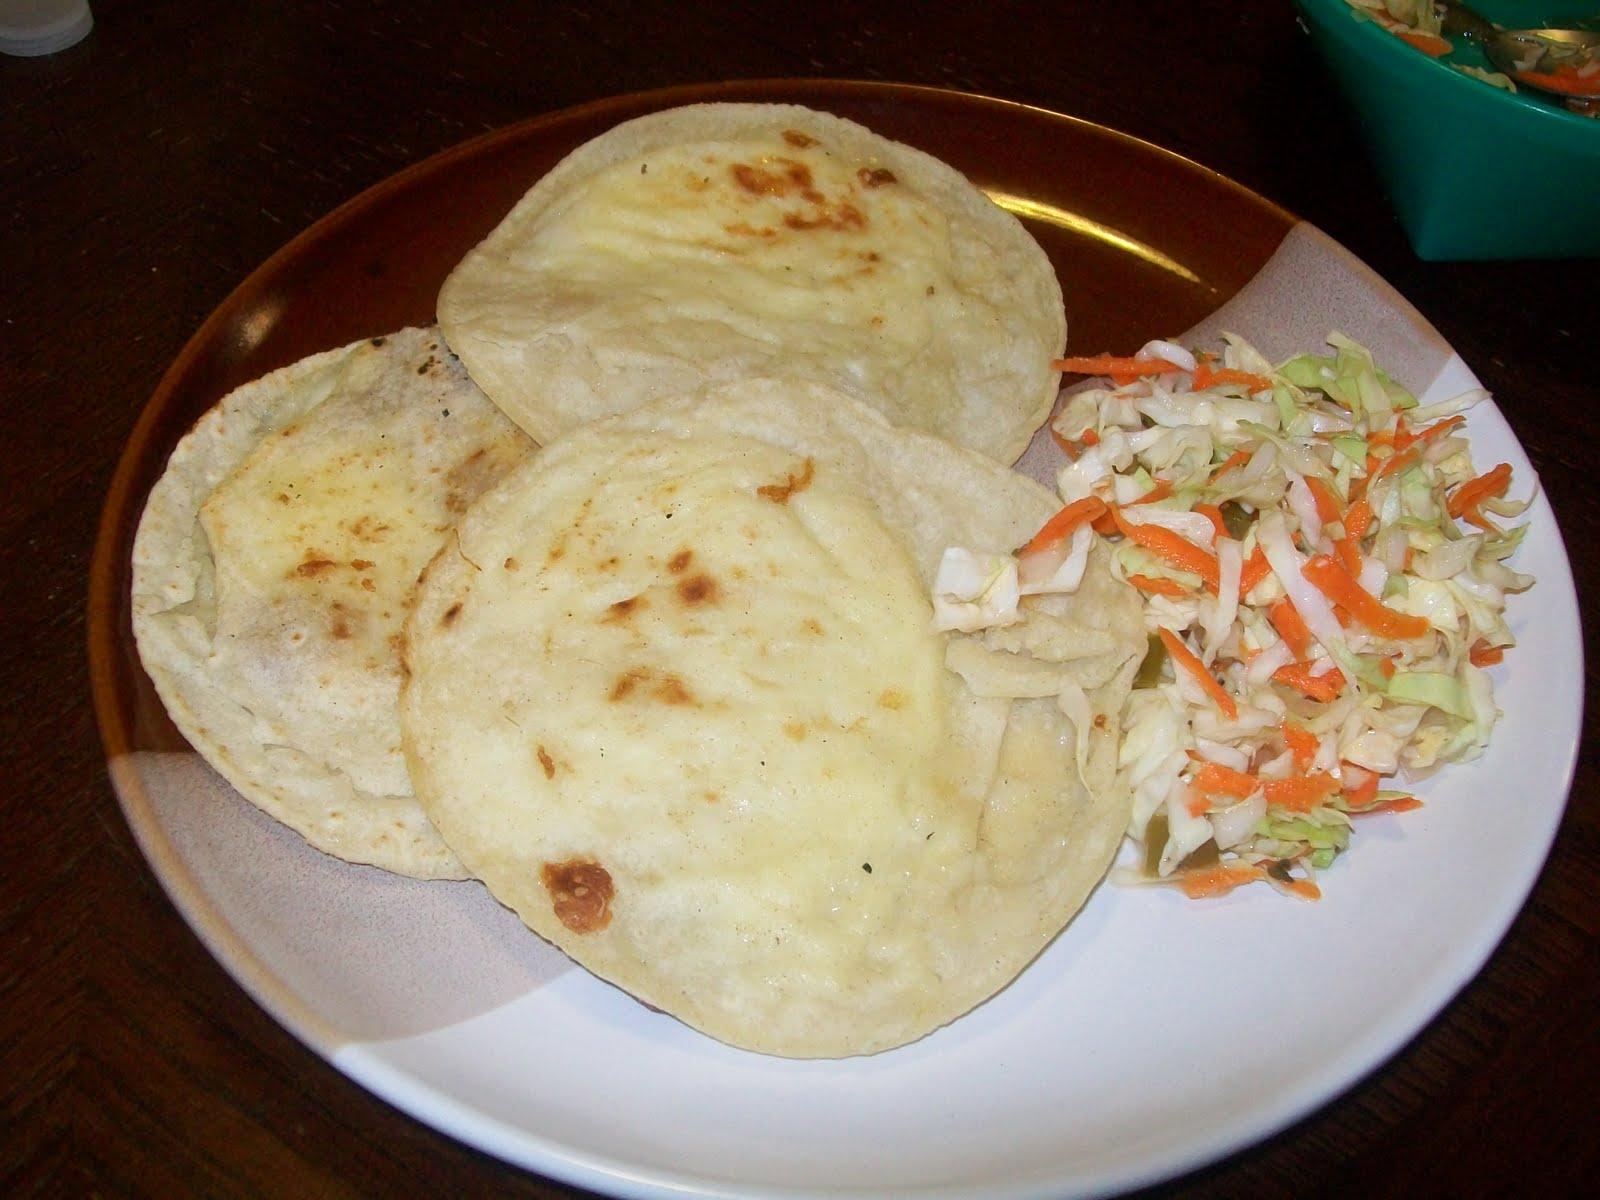 Patysfavorites: Bean and Cheese gorditas - Gorditas de Frijol y Queso